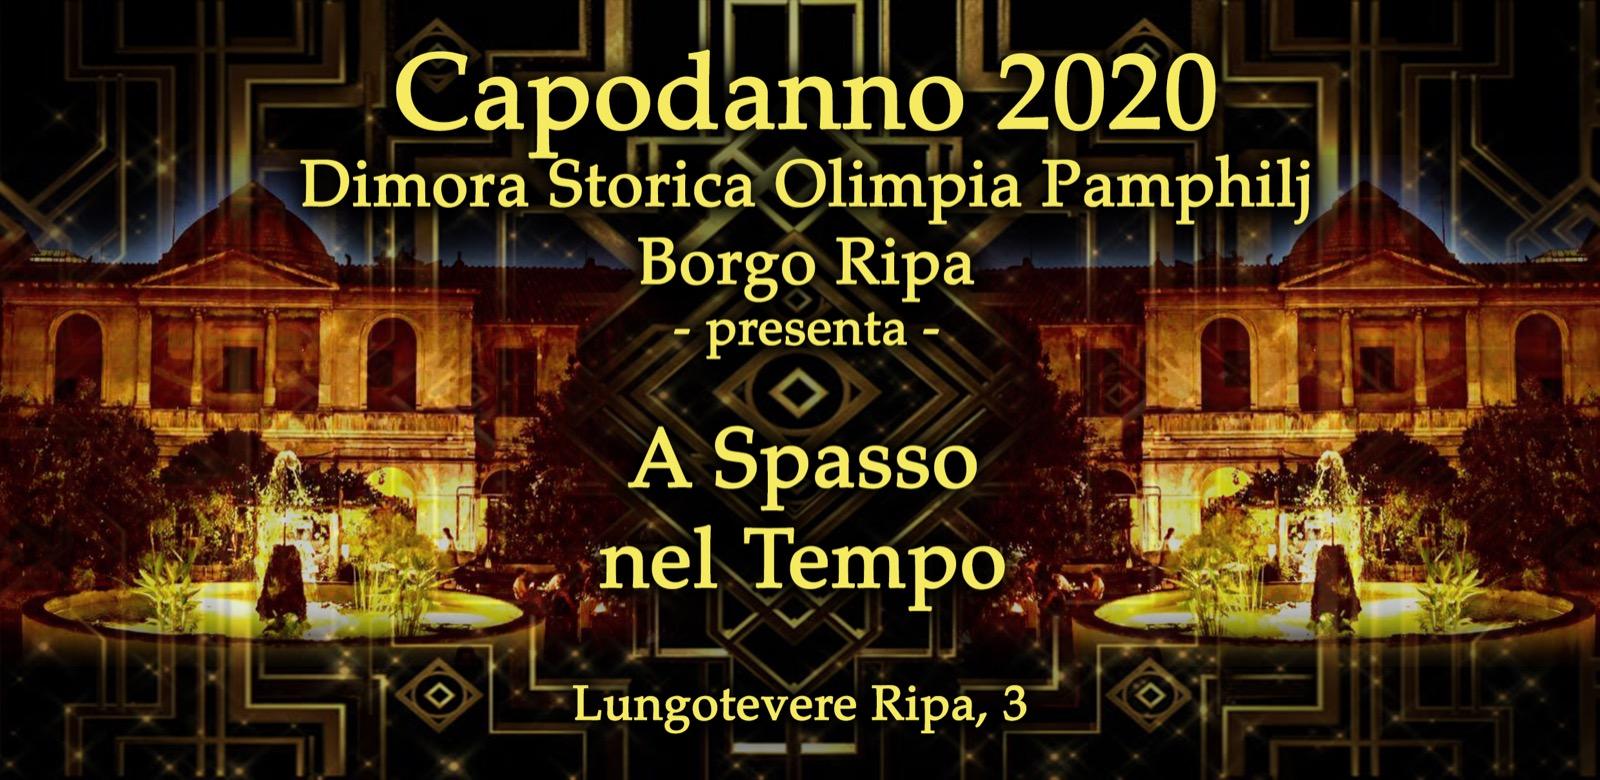 Capodanno Borgo Ripa Roma 2020 Tutti I Costi E Dettagli